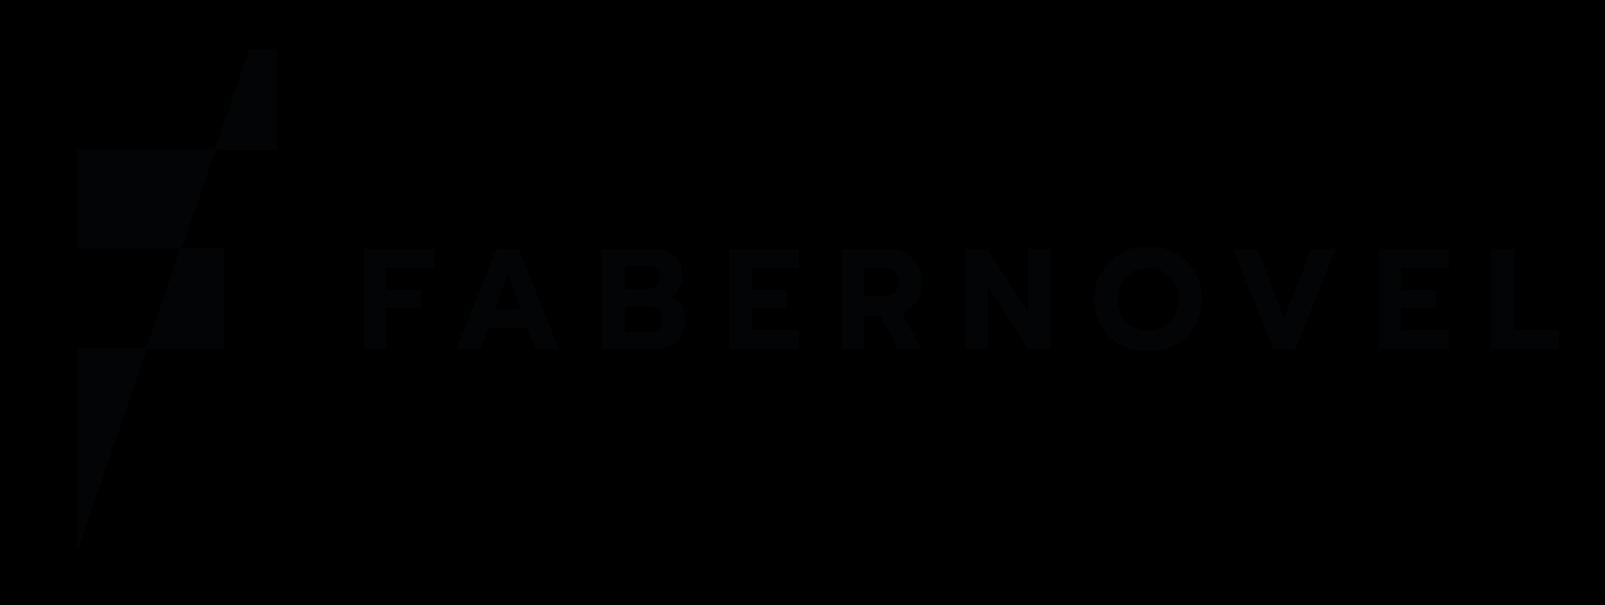 FABERNOVEL_019_ID_line